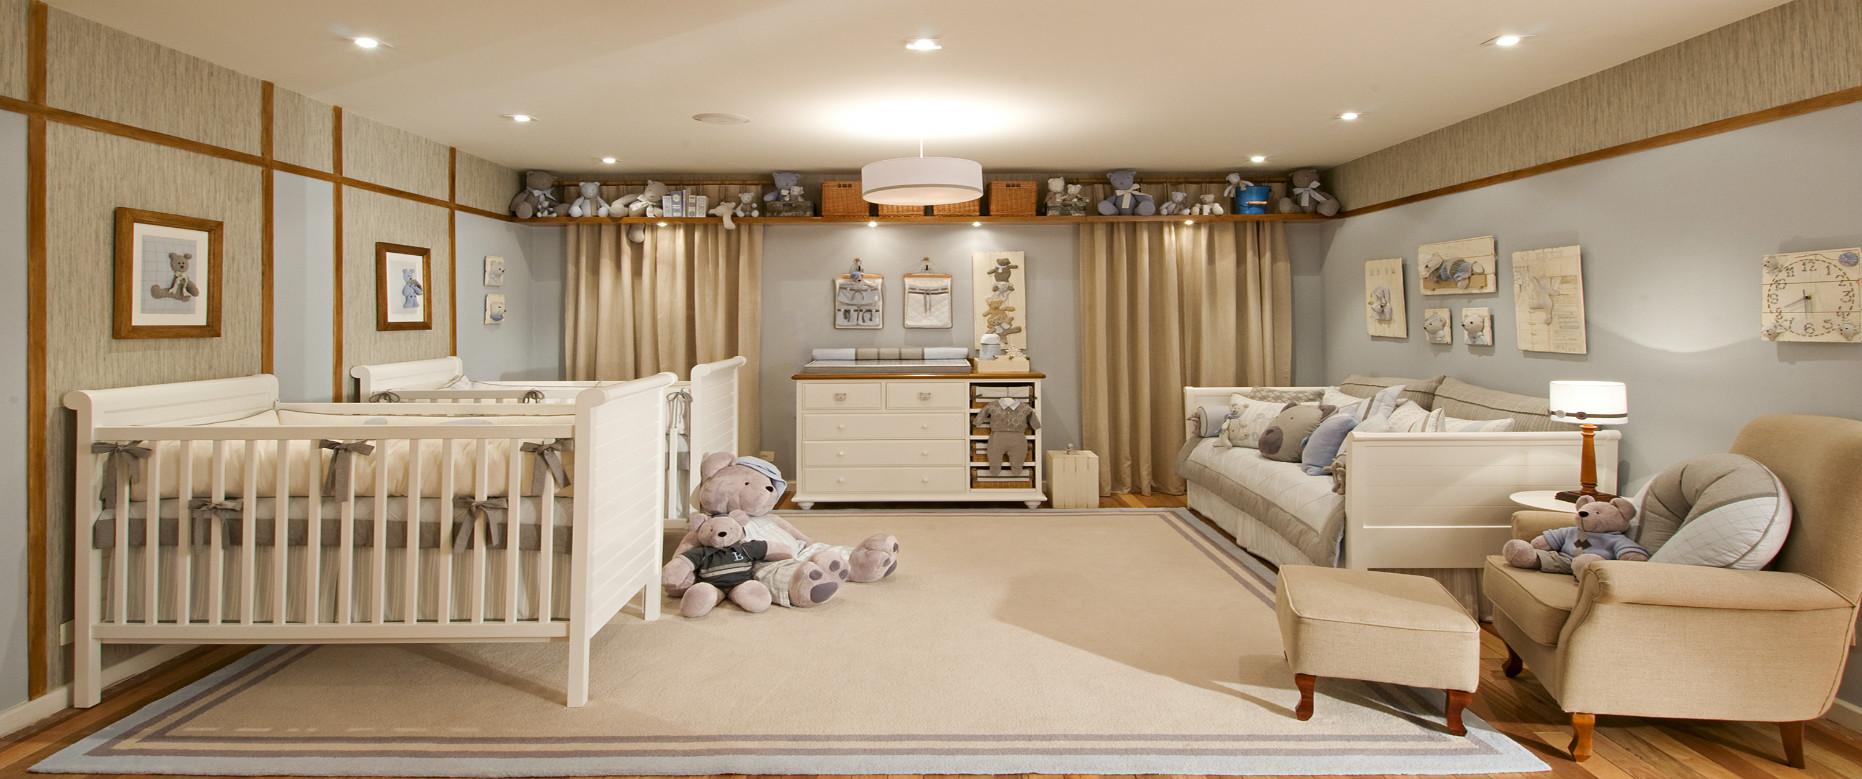 Ursinhos na decora o do quarto do beb mais de 900 - Euromobilia quarto na ...